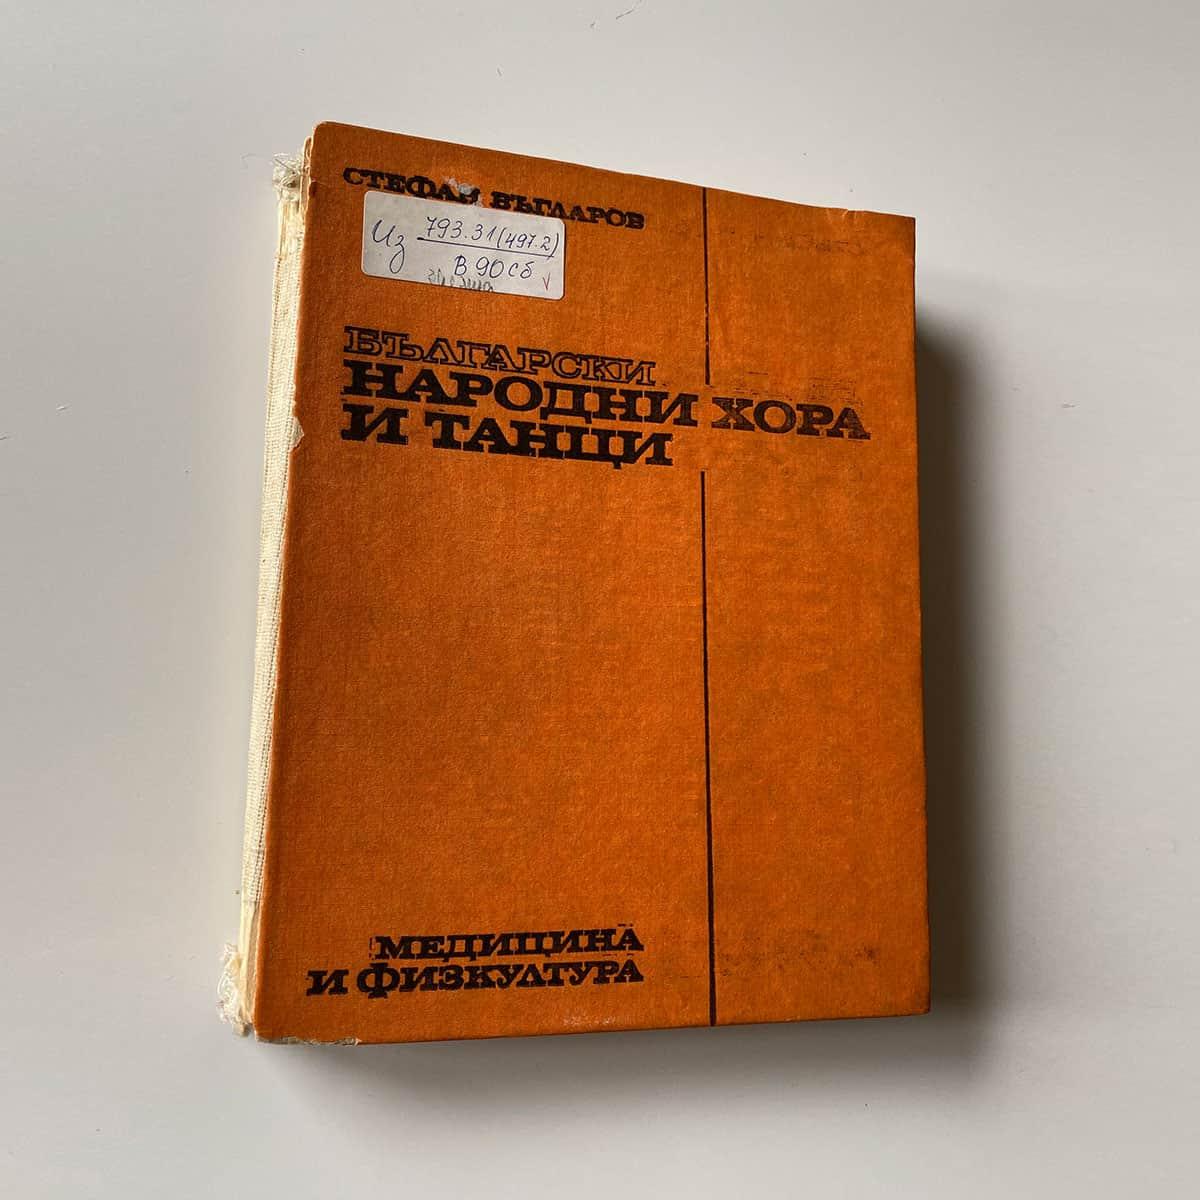 книга Въгларов, С. Български народни хора и танци. Издателство Медицина и физкултура. София. 1976